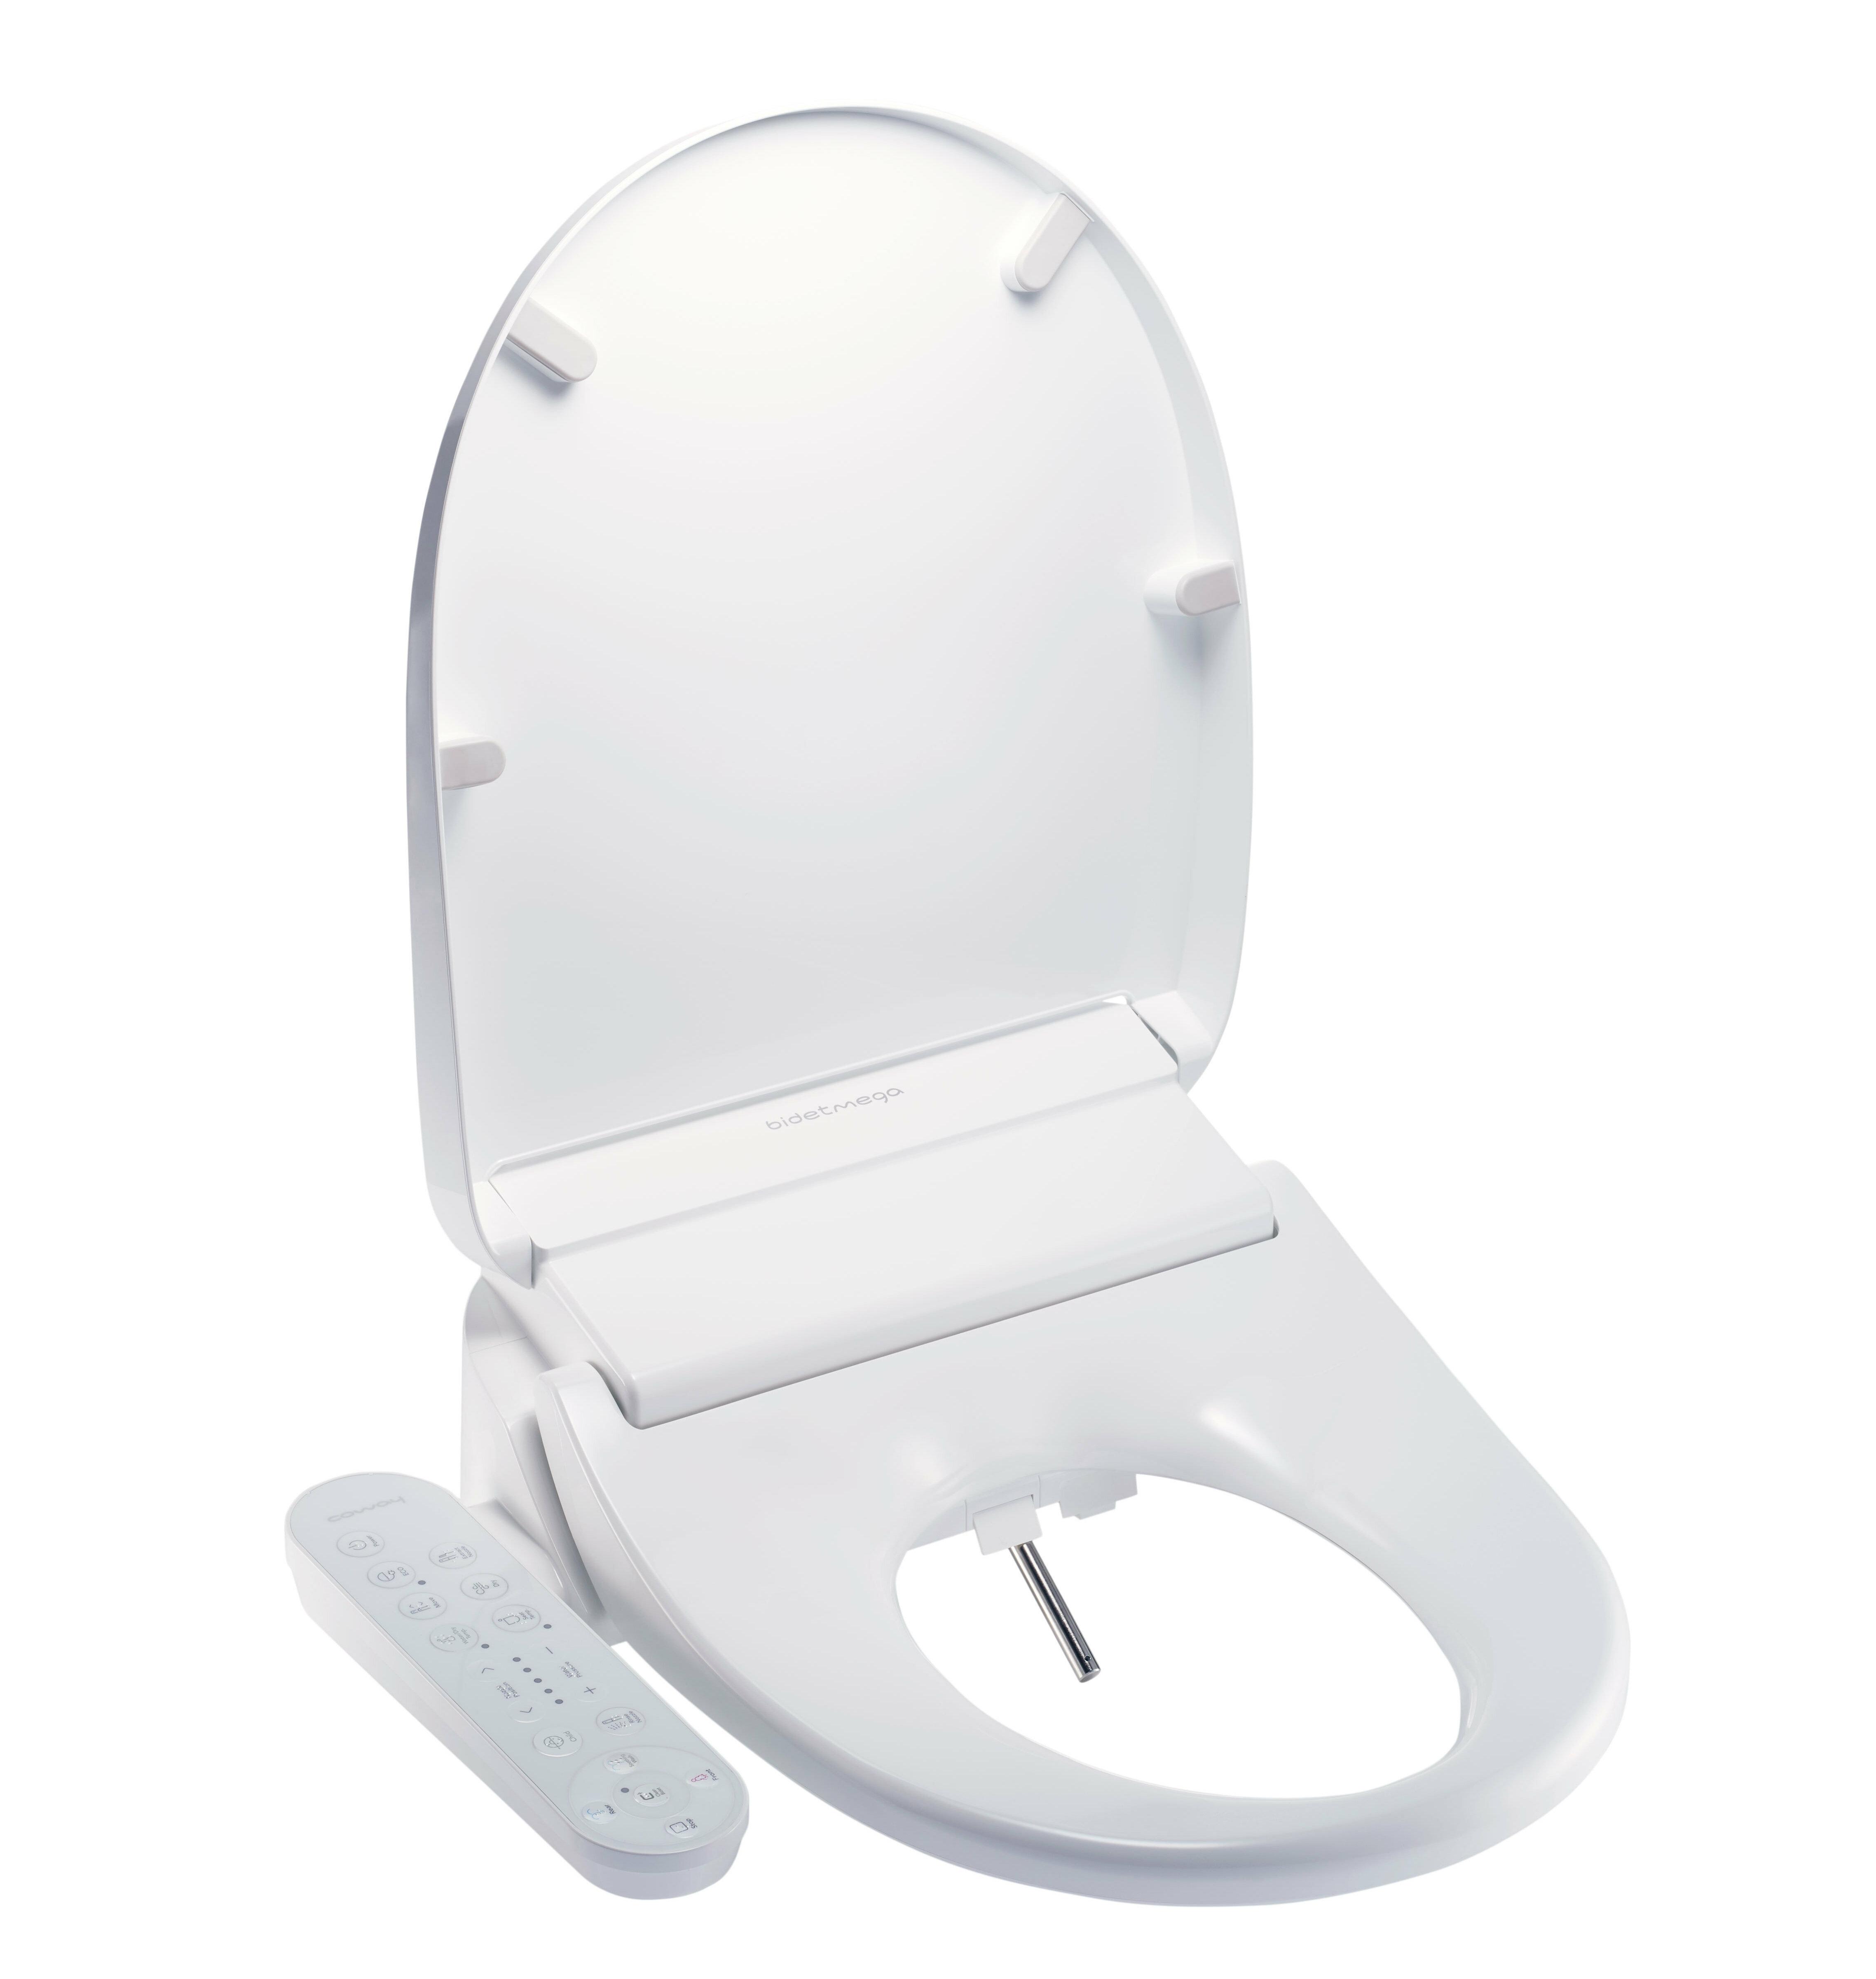 Coway Smart Electronic Round Toilet Seat Bidet Wayfair